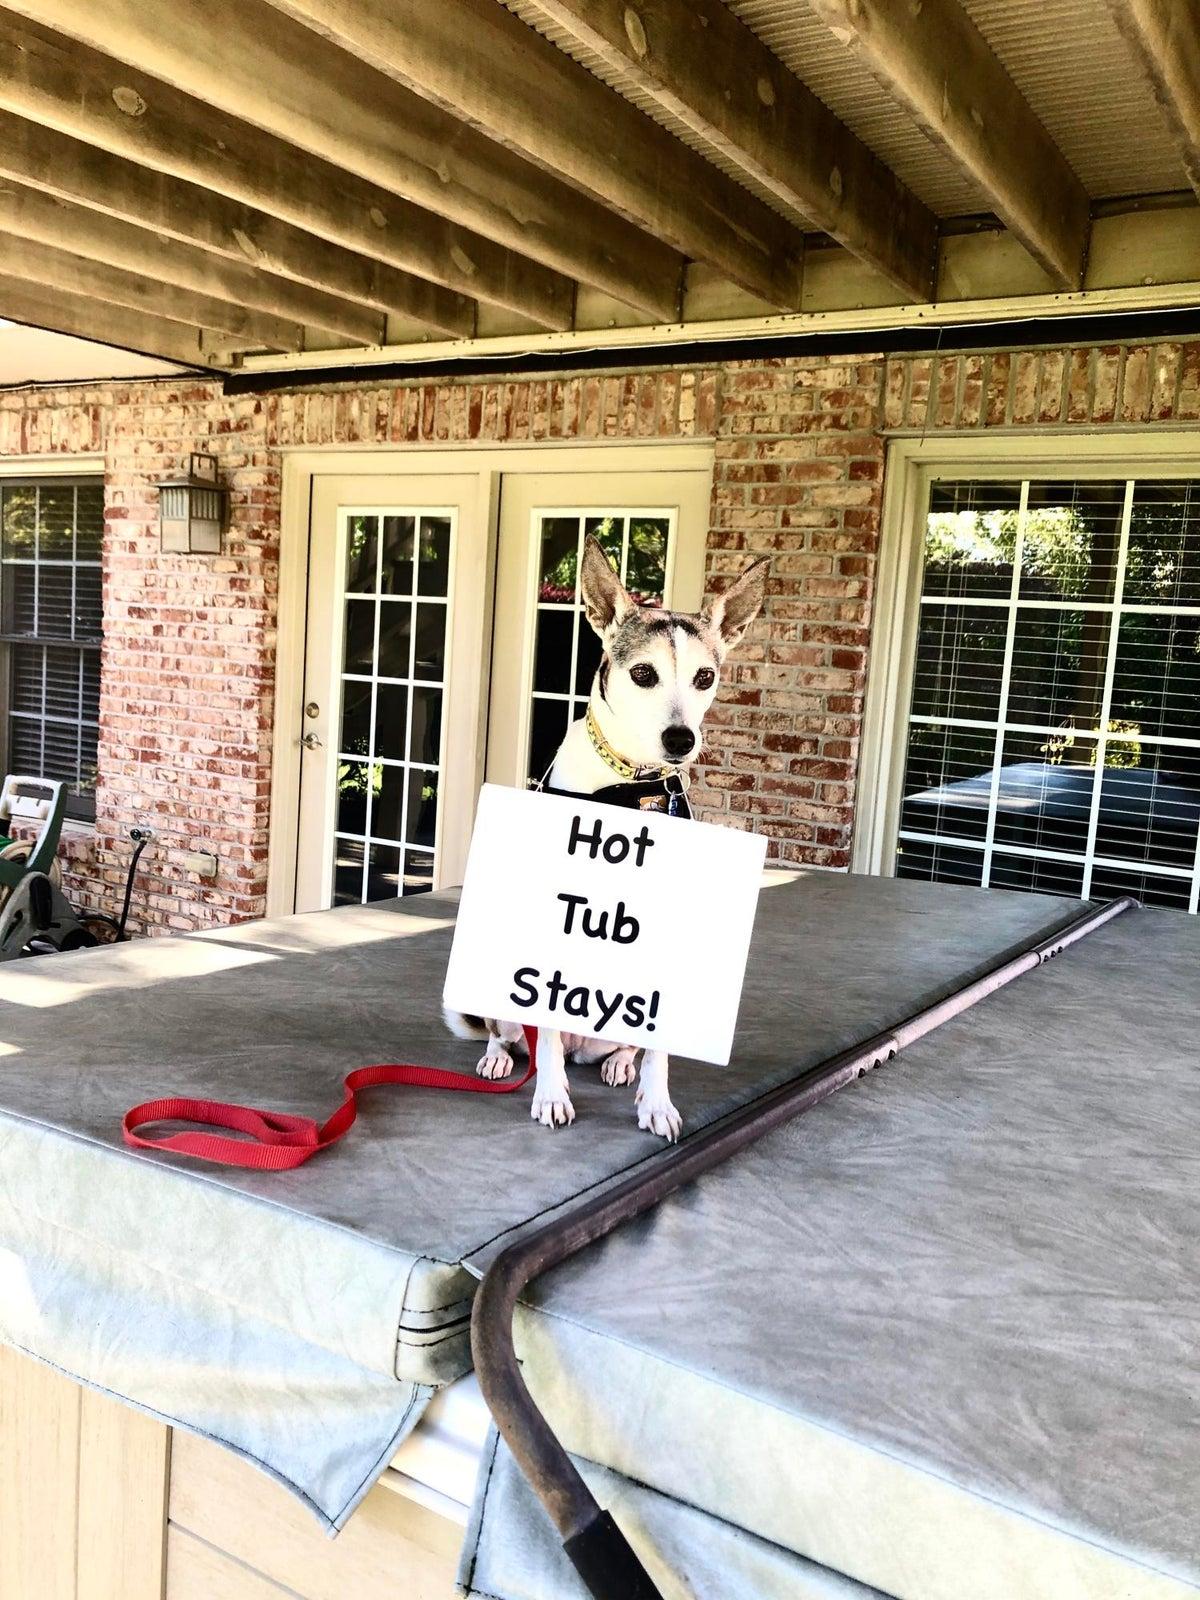 Hot tub stays